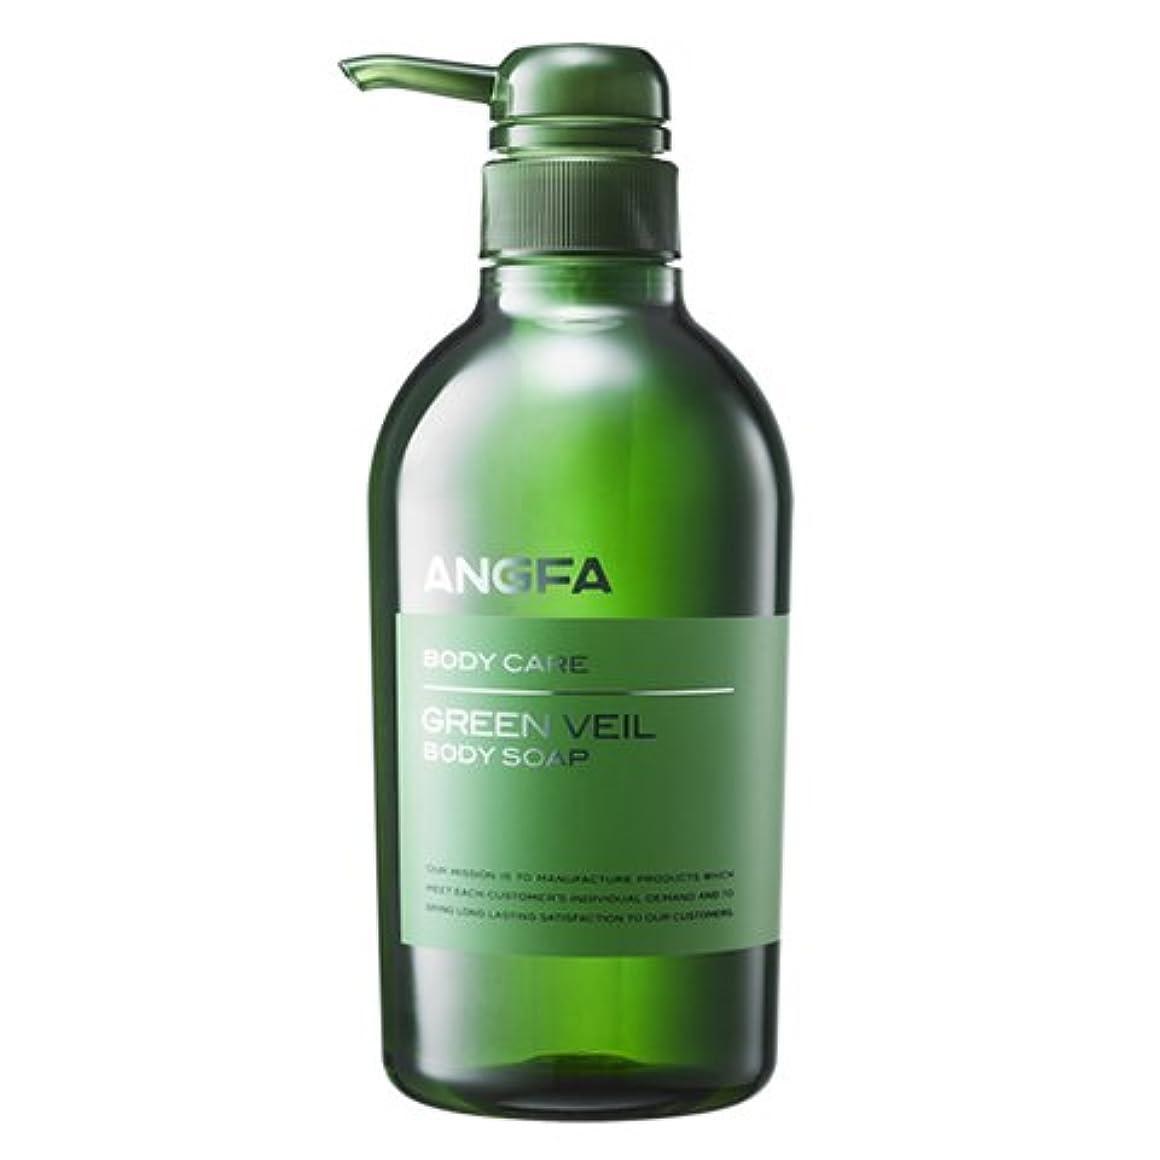 テラスタイプライタースクリーチアンファー (ANGFA) グリーンベール 薬用ボディソープ 500ml グリーンフローラル [乾燥?保湿] かゆみ肌